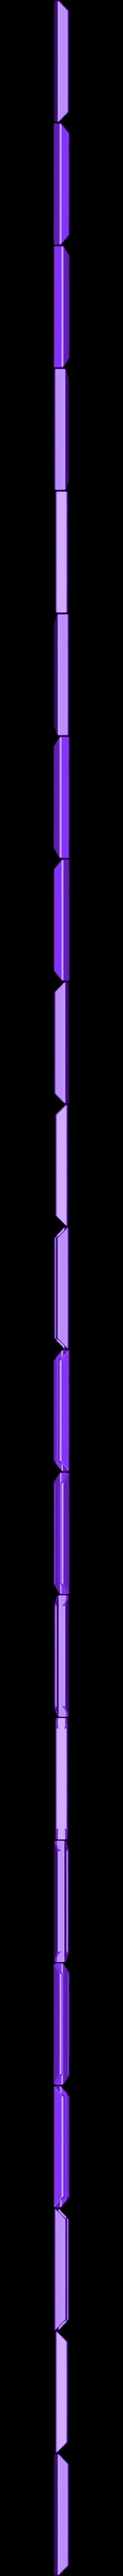 Bag closing slider outer.stl Télécharger fichier STL gratuit Curseur de fermeture de sac • Modèle pour imprimante 3D, Robh